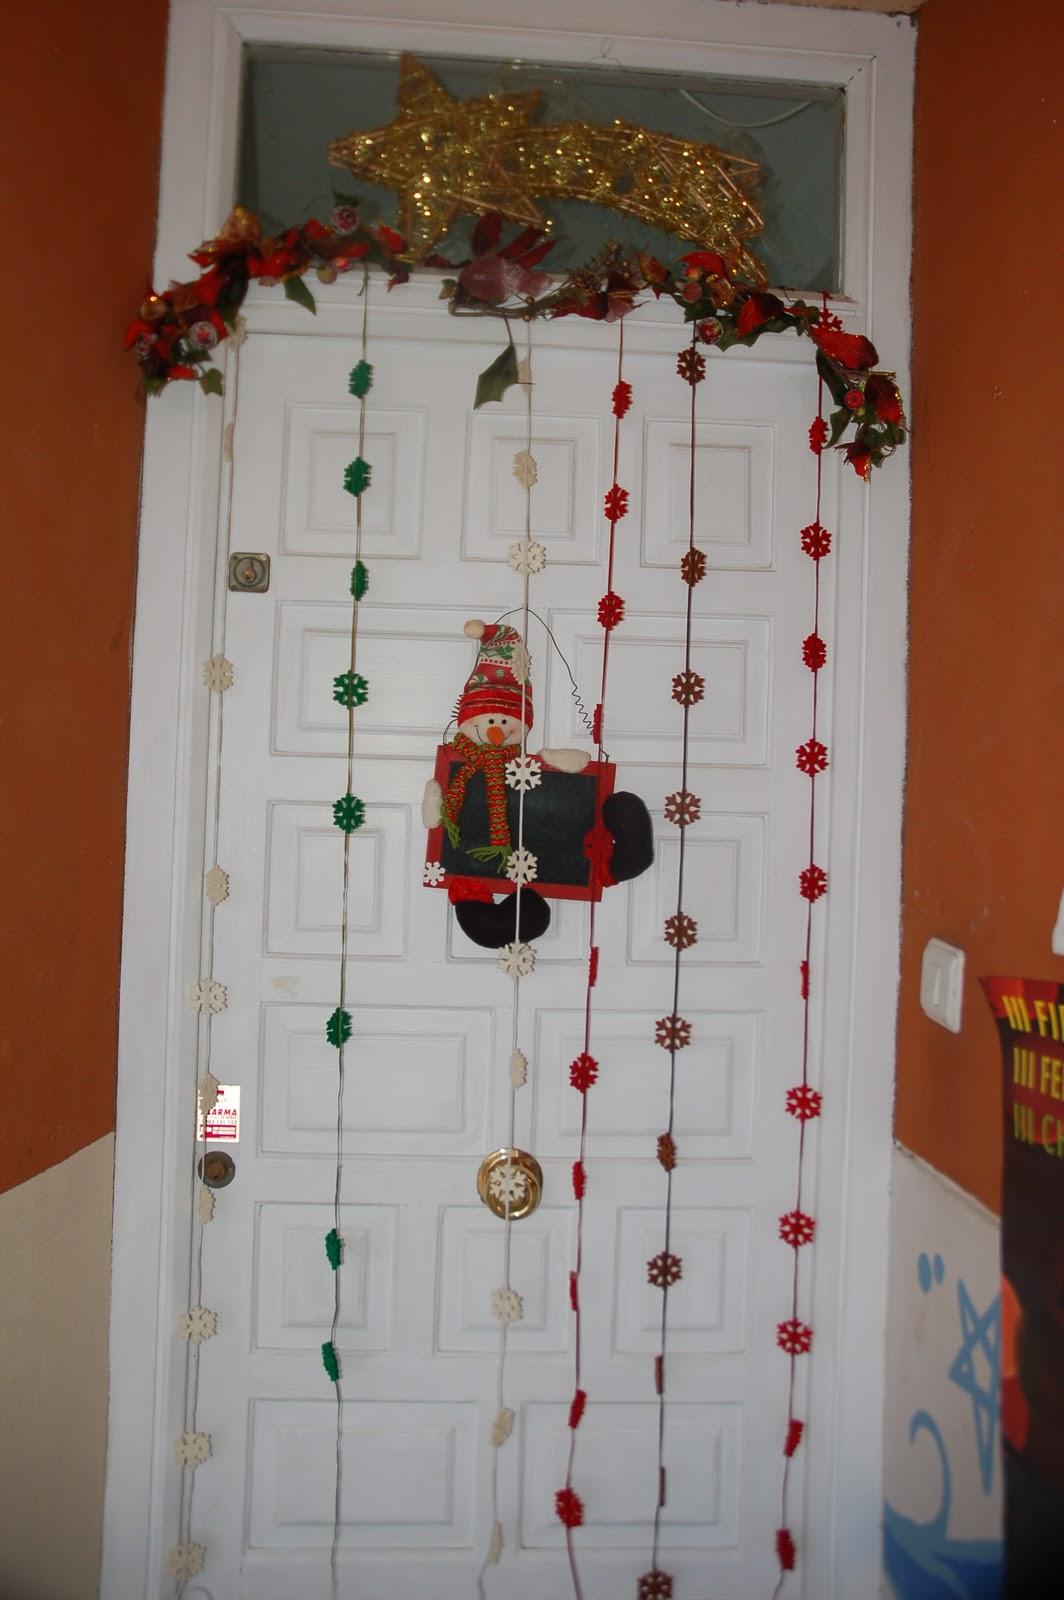 Decoraci n navide a en luna lola for Decoracion de la puerta de entrada